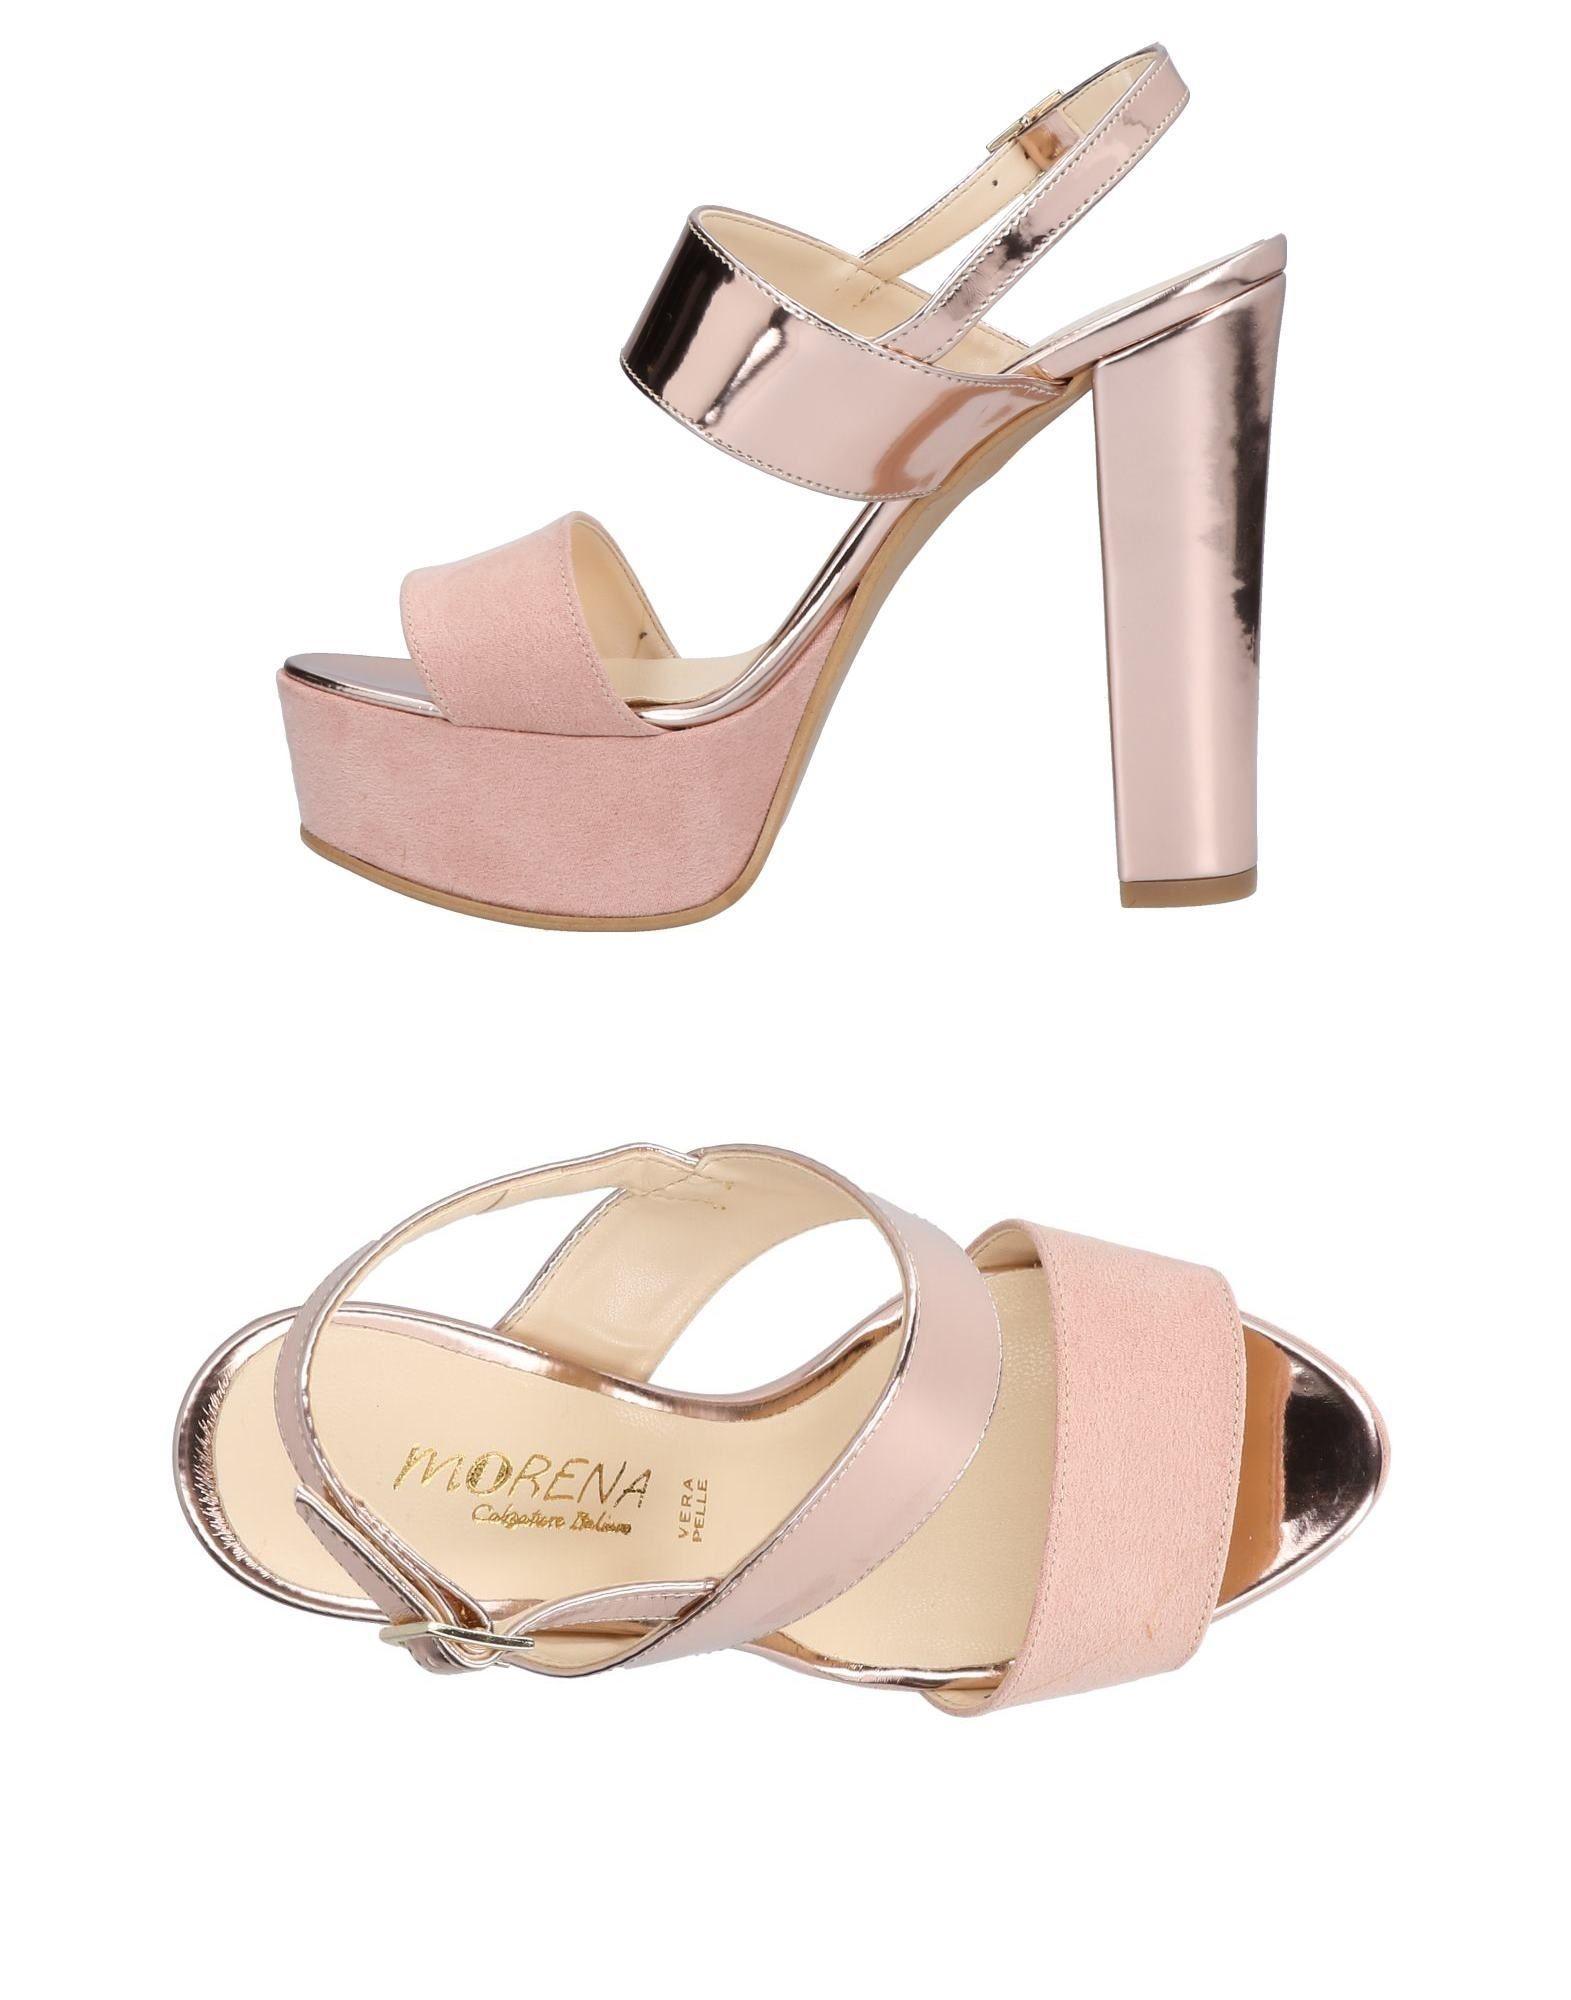 Morena Calzature Italiane Sandalen Damen  11462910XN Neue Schuhe